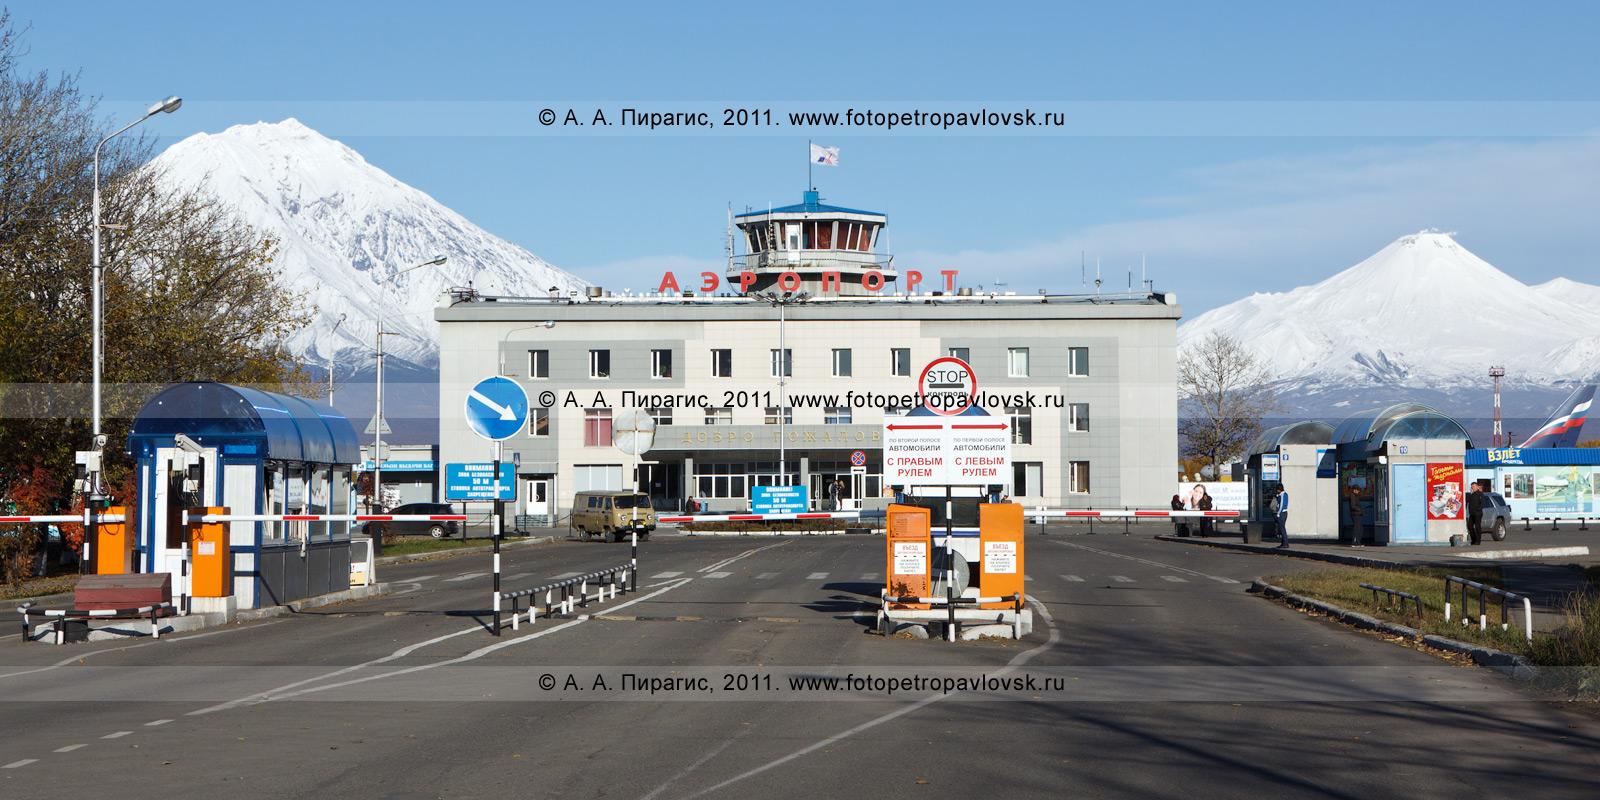 Фотография: аэропорт Елизово на Камчатке (Камчатское авиапредприятие). Камчатский край, город Елизово